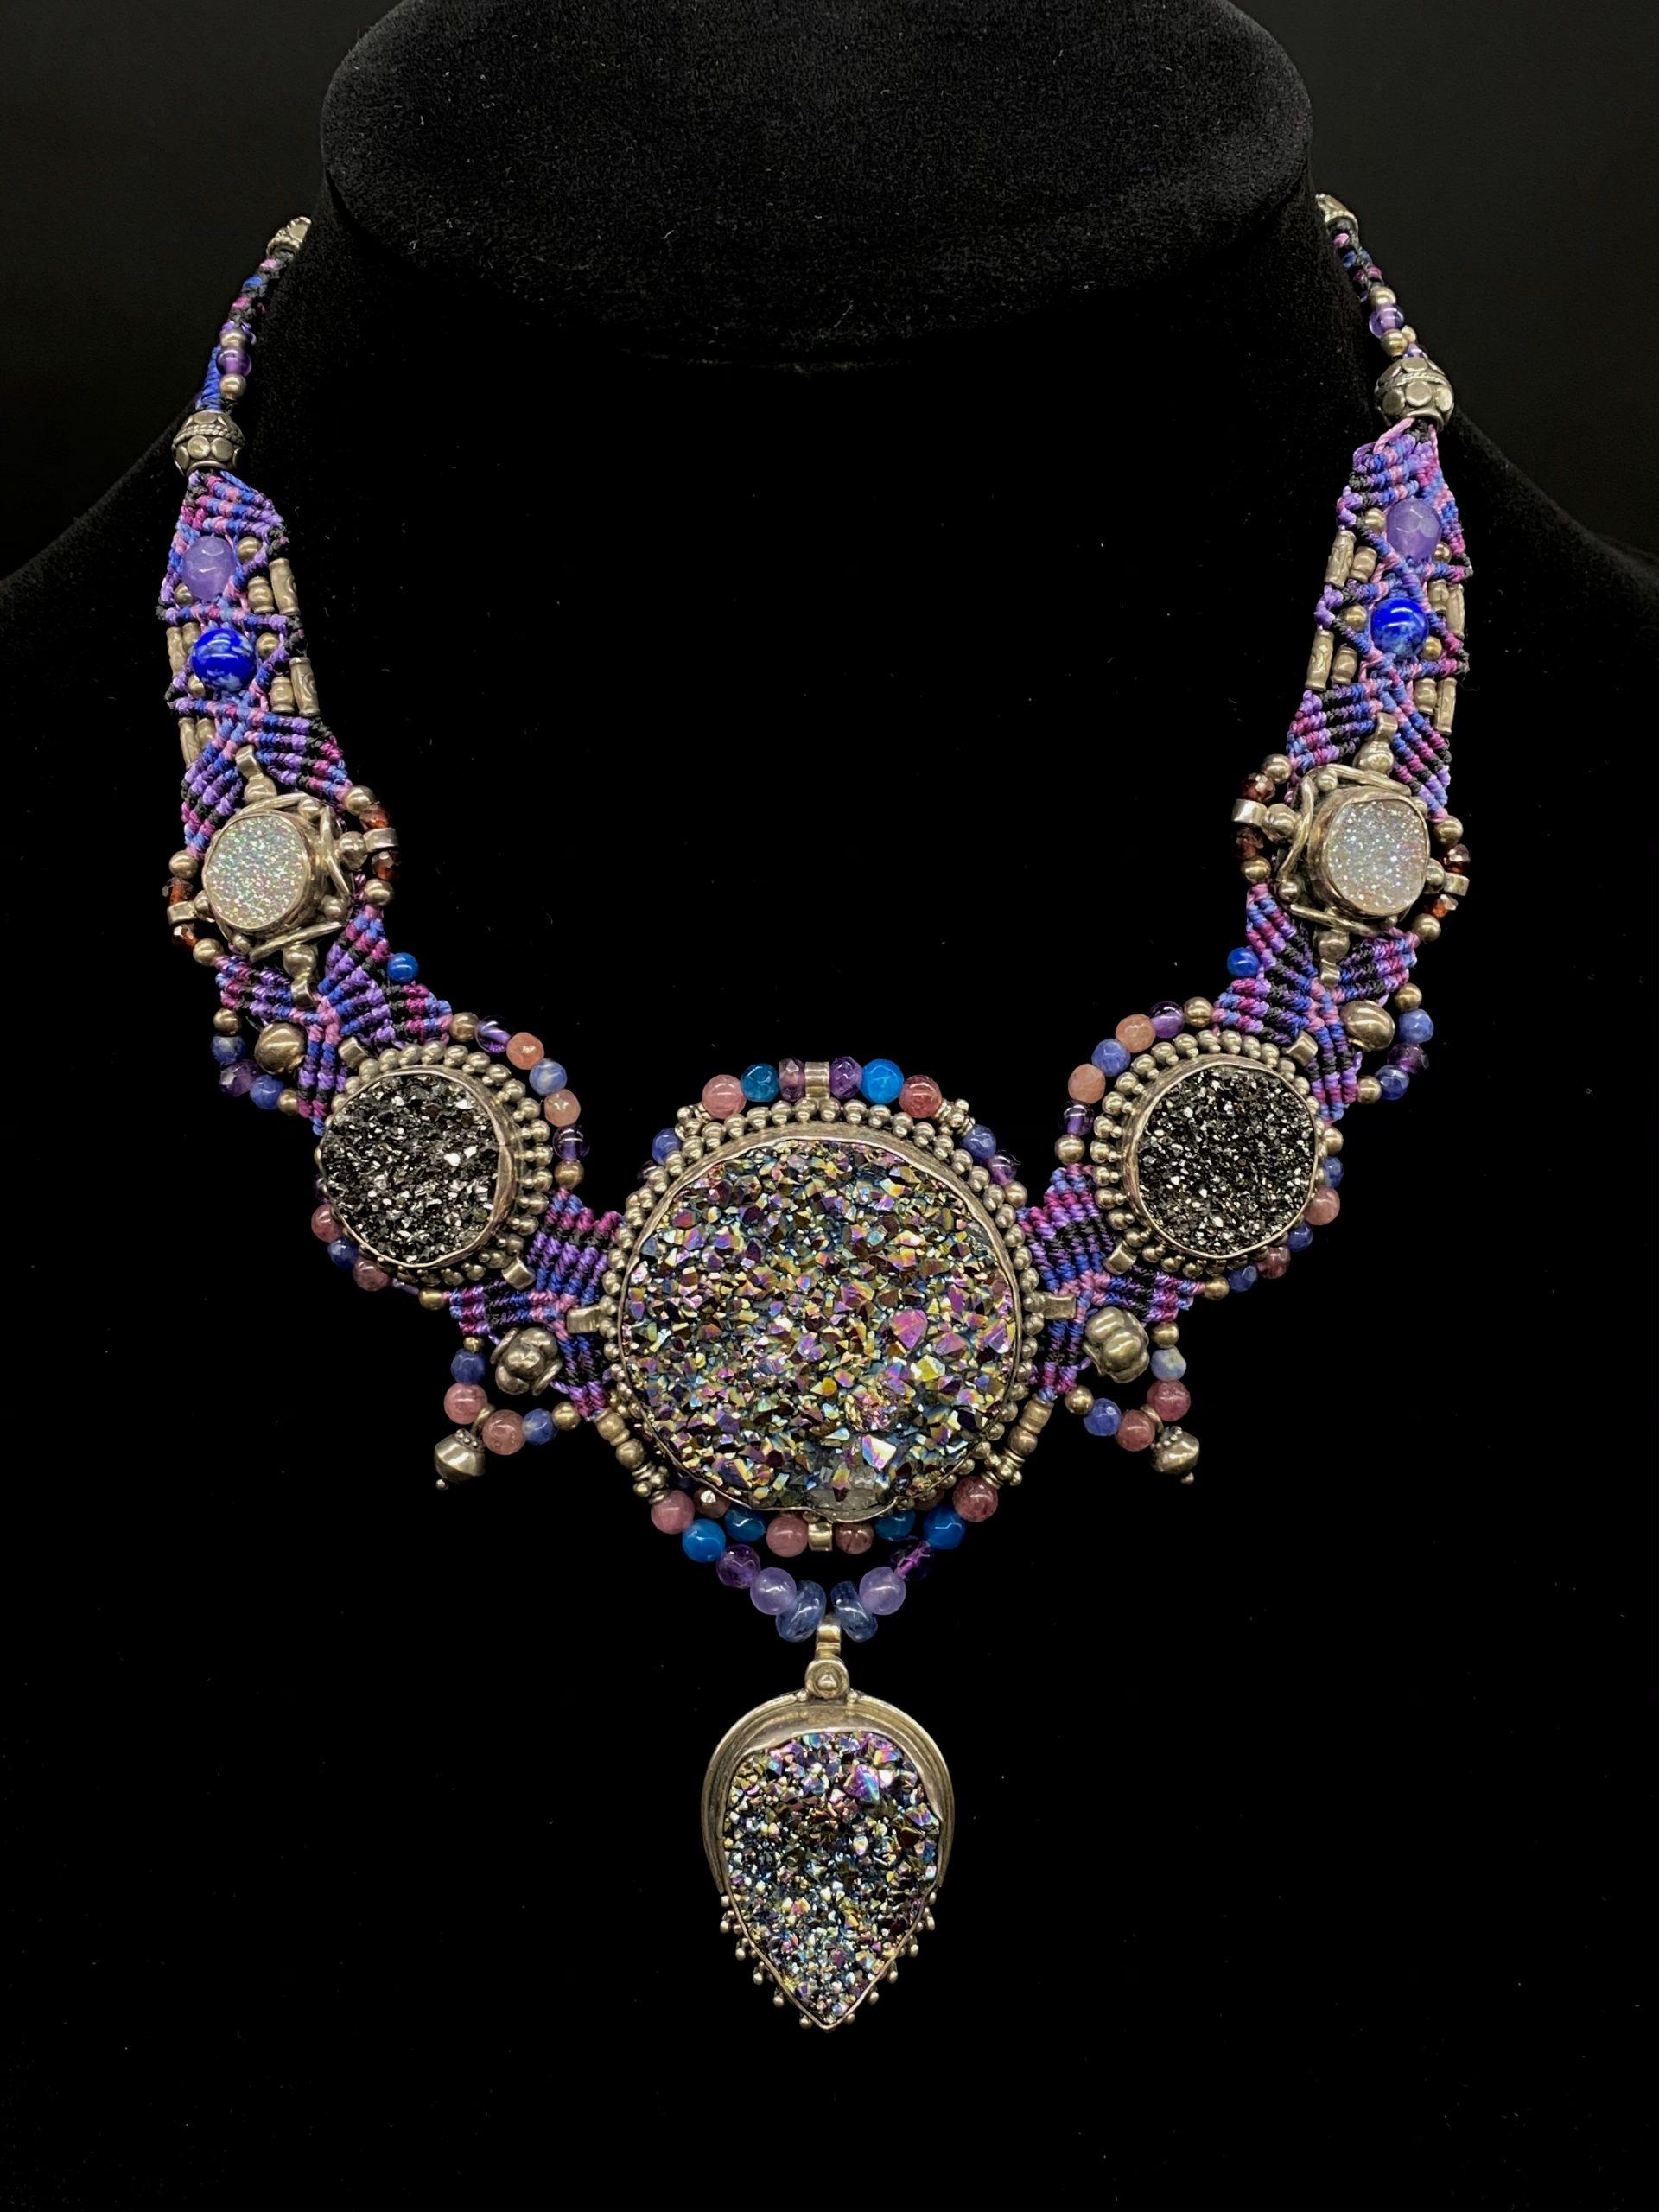 Purple Druzy Isha Elafi Sterling Silver Necklace | Shasta Rainbow Angels